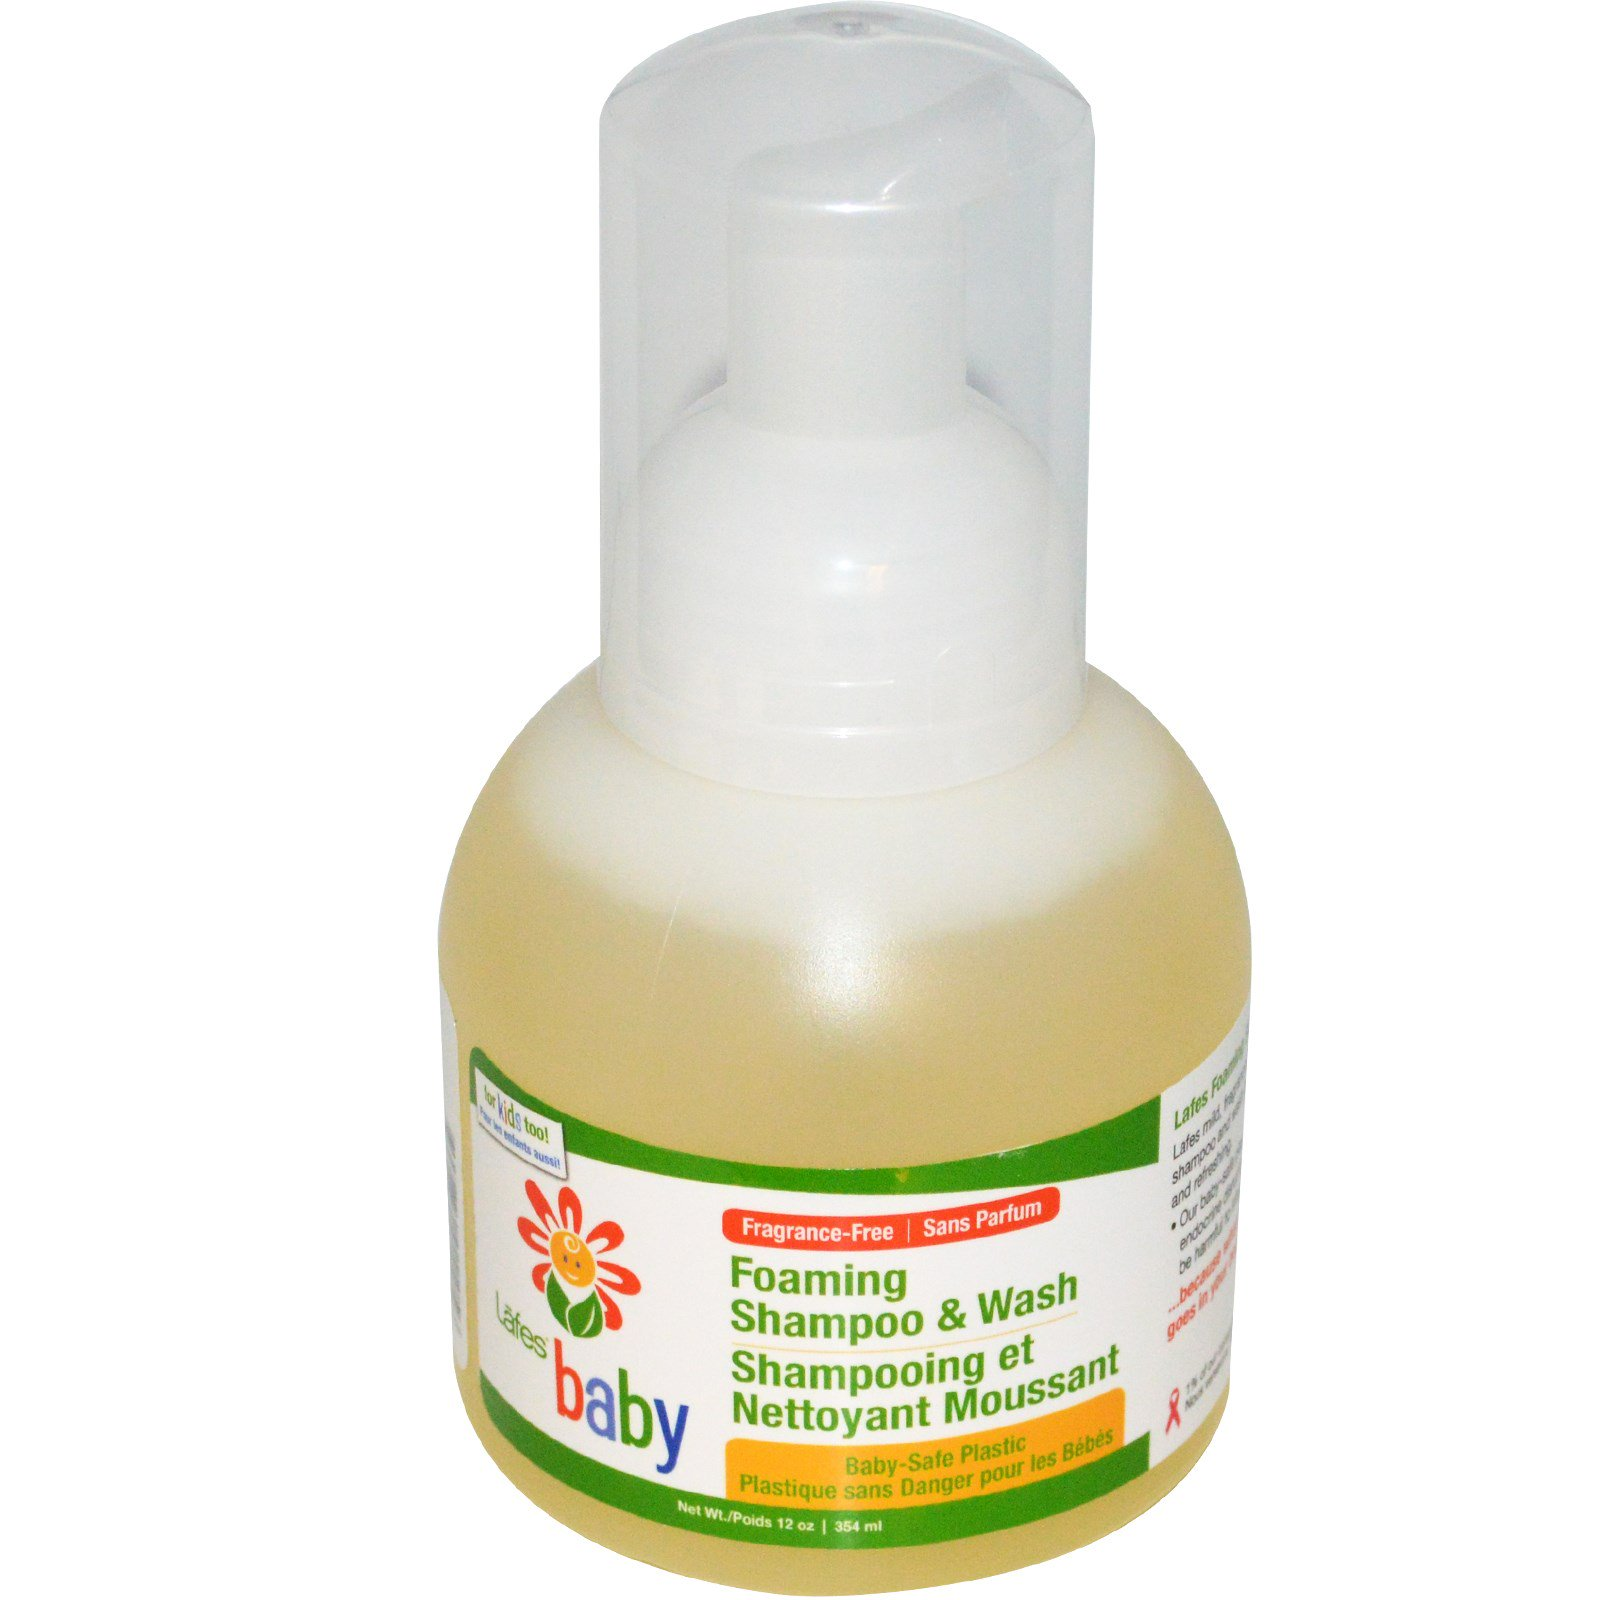 Lafe's Natural Body Care, Детский пенный шампунь и состав для мытья, не содержит отдушки, 12 унций (354 мл)